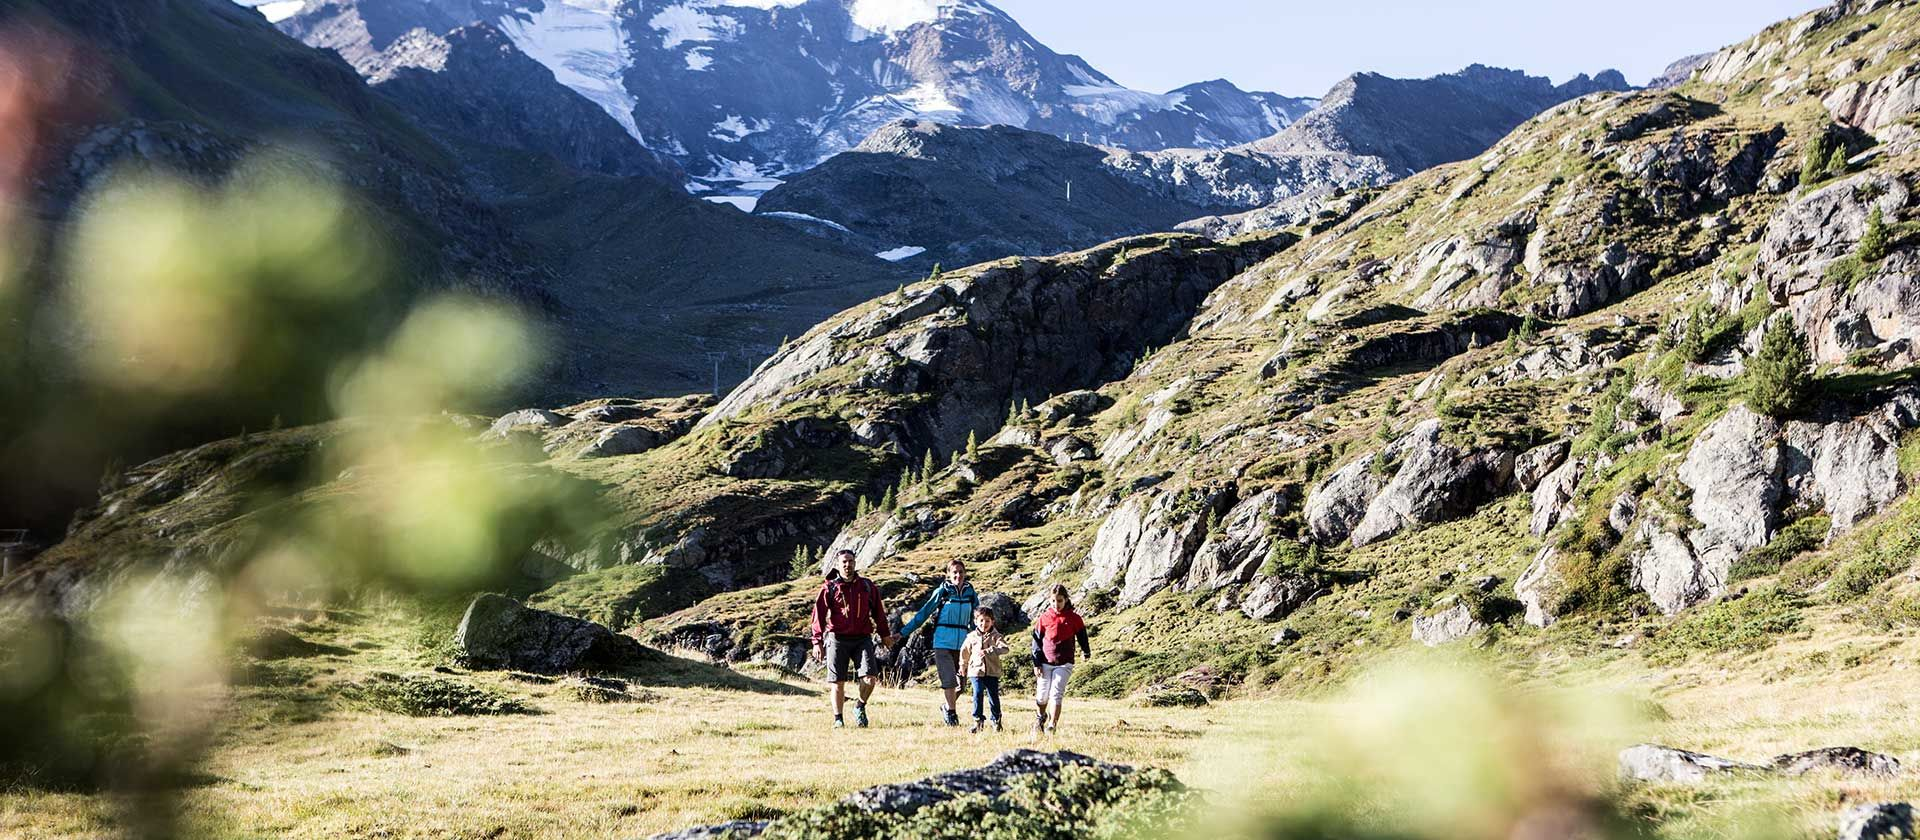 Wandern im Kaunertal Foto: Kaunertaler Gletscher, Daniel Zangerl